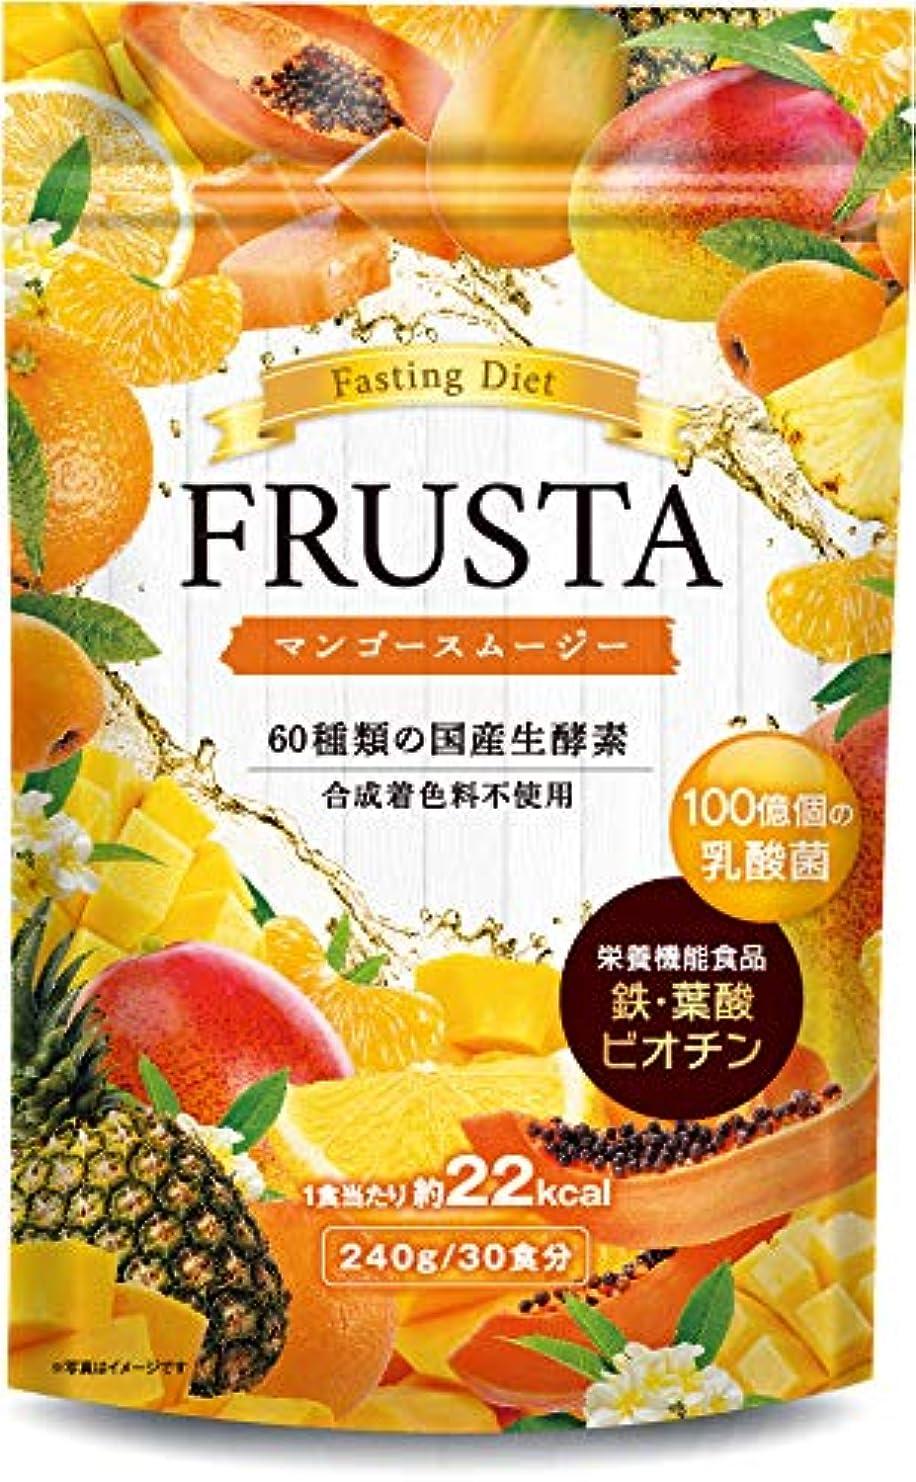 カッター癌六分儀FRUSTA 置き換え ダイエット スムージー 酵素 30食分 (マンゴースムージー)